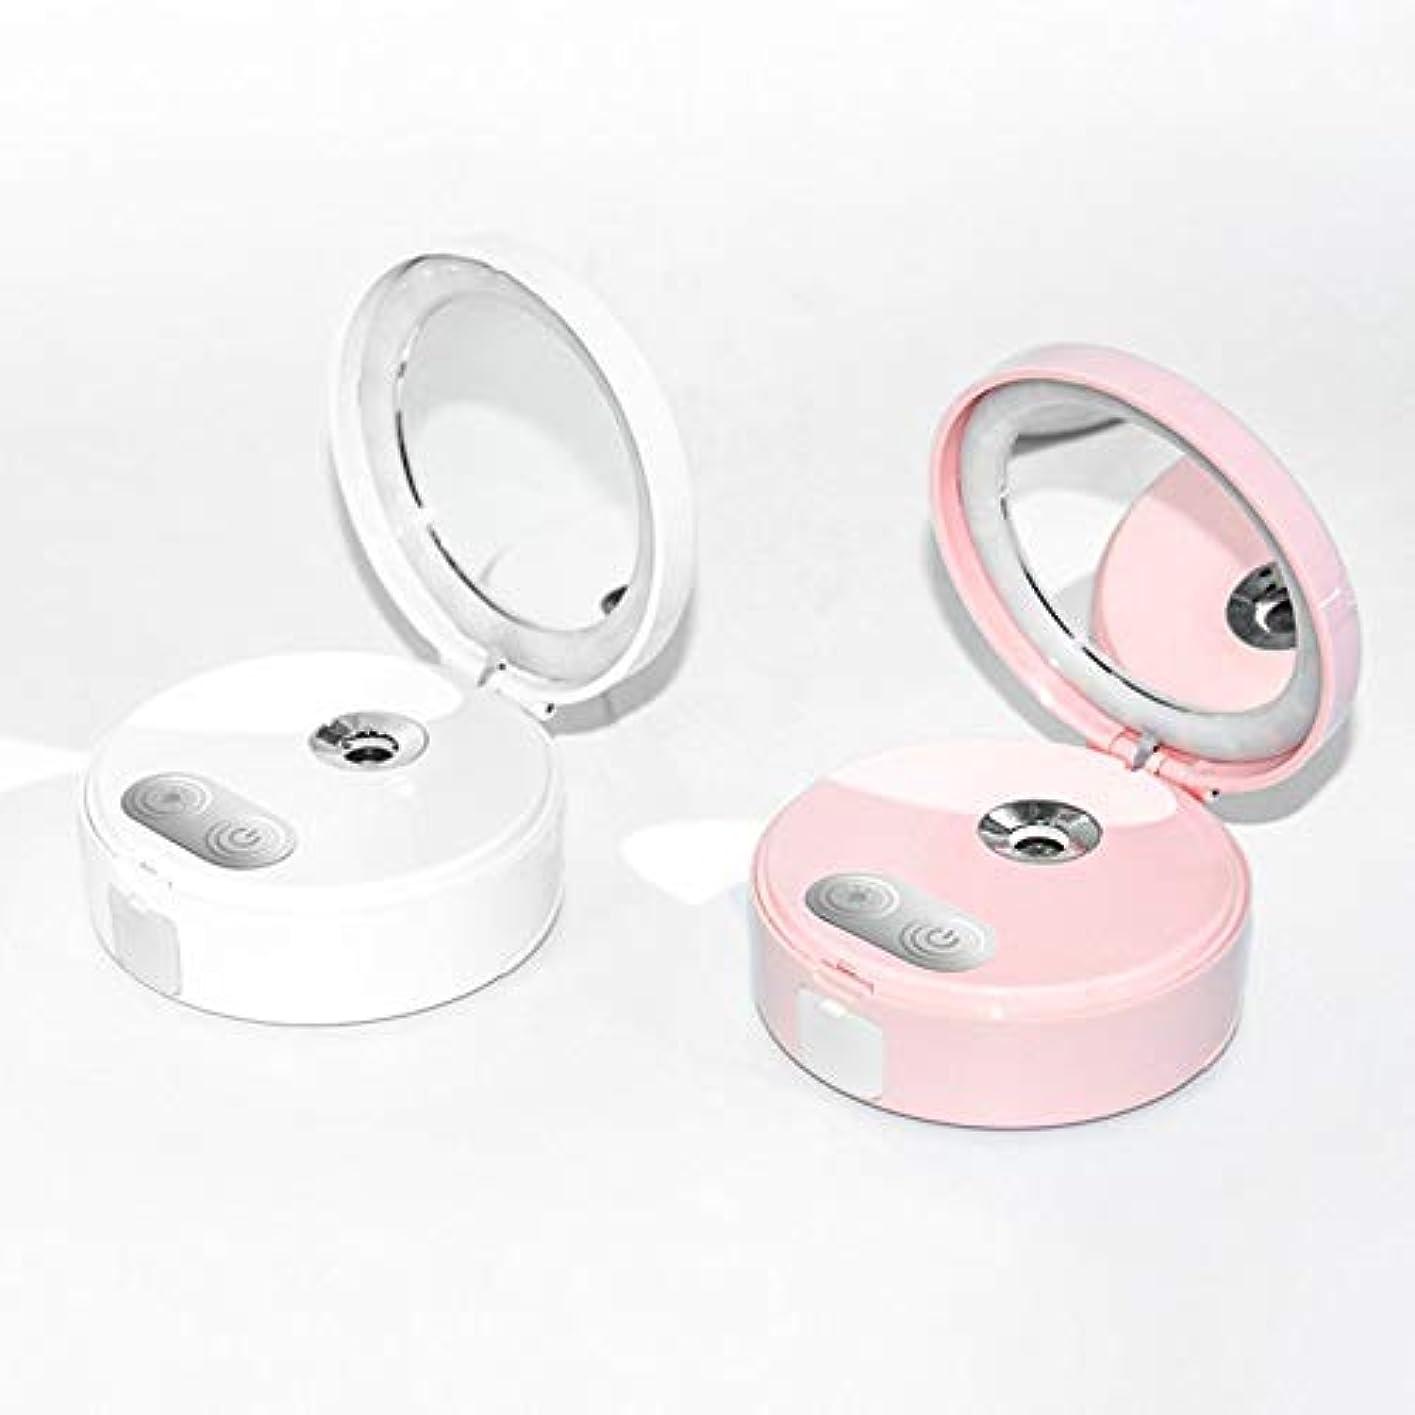 獲物いらいらさせる高音流行の ポータブル化粧鏡ナノスプレー水道メーターで充電宝物フィルライト機能三色調光マッサージマッサージミラー美容ミラーホワイトピンク